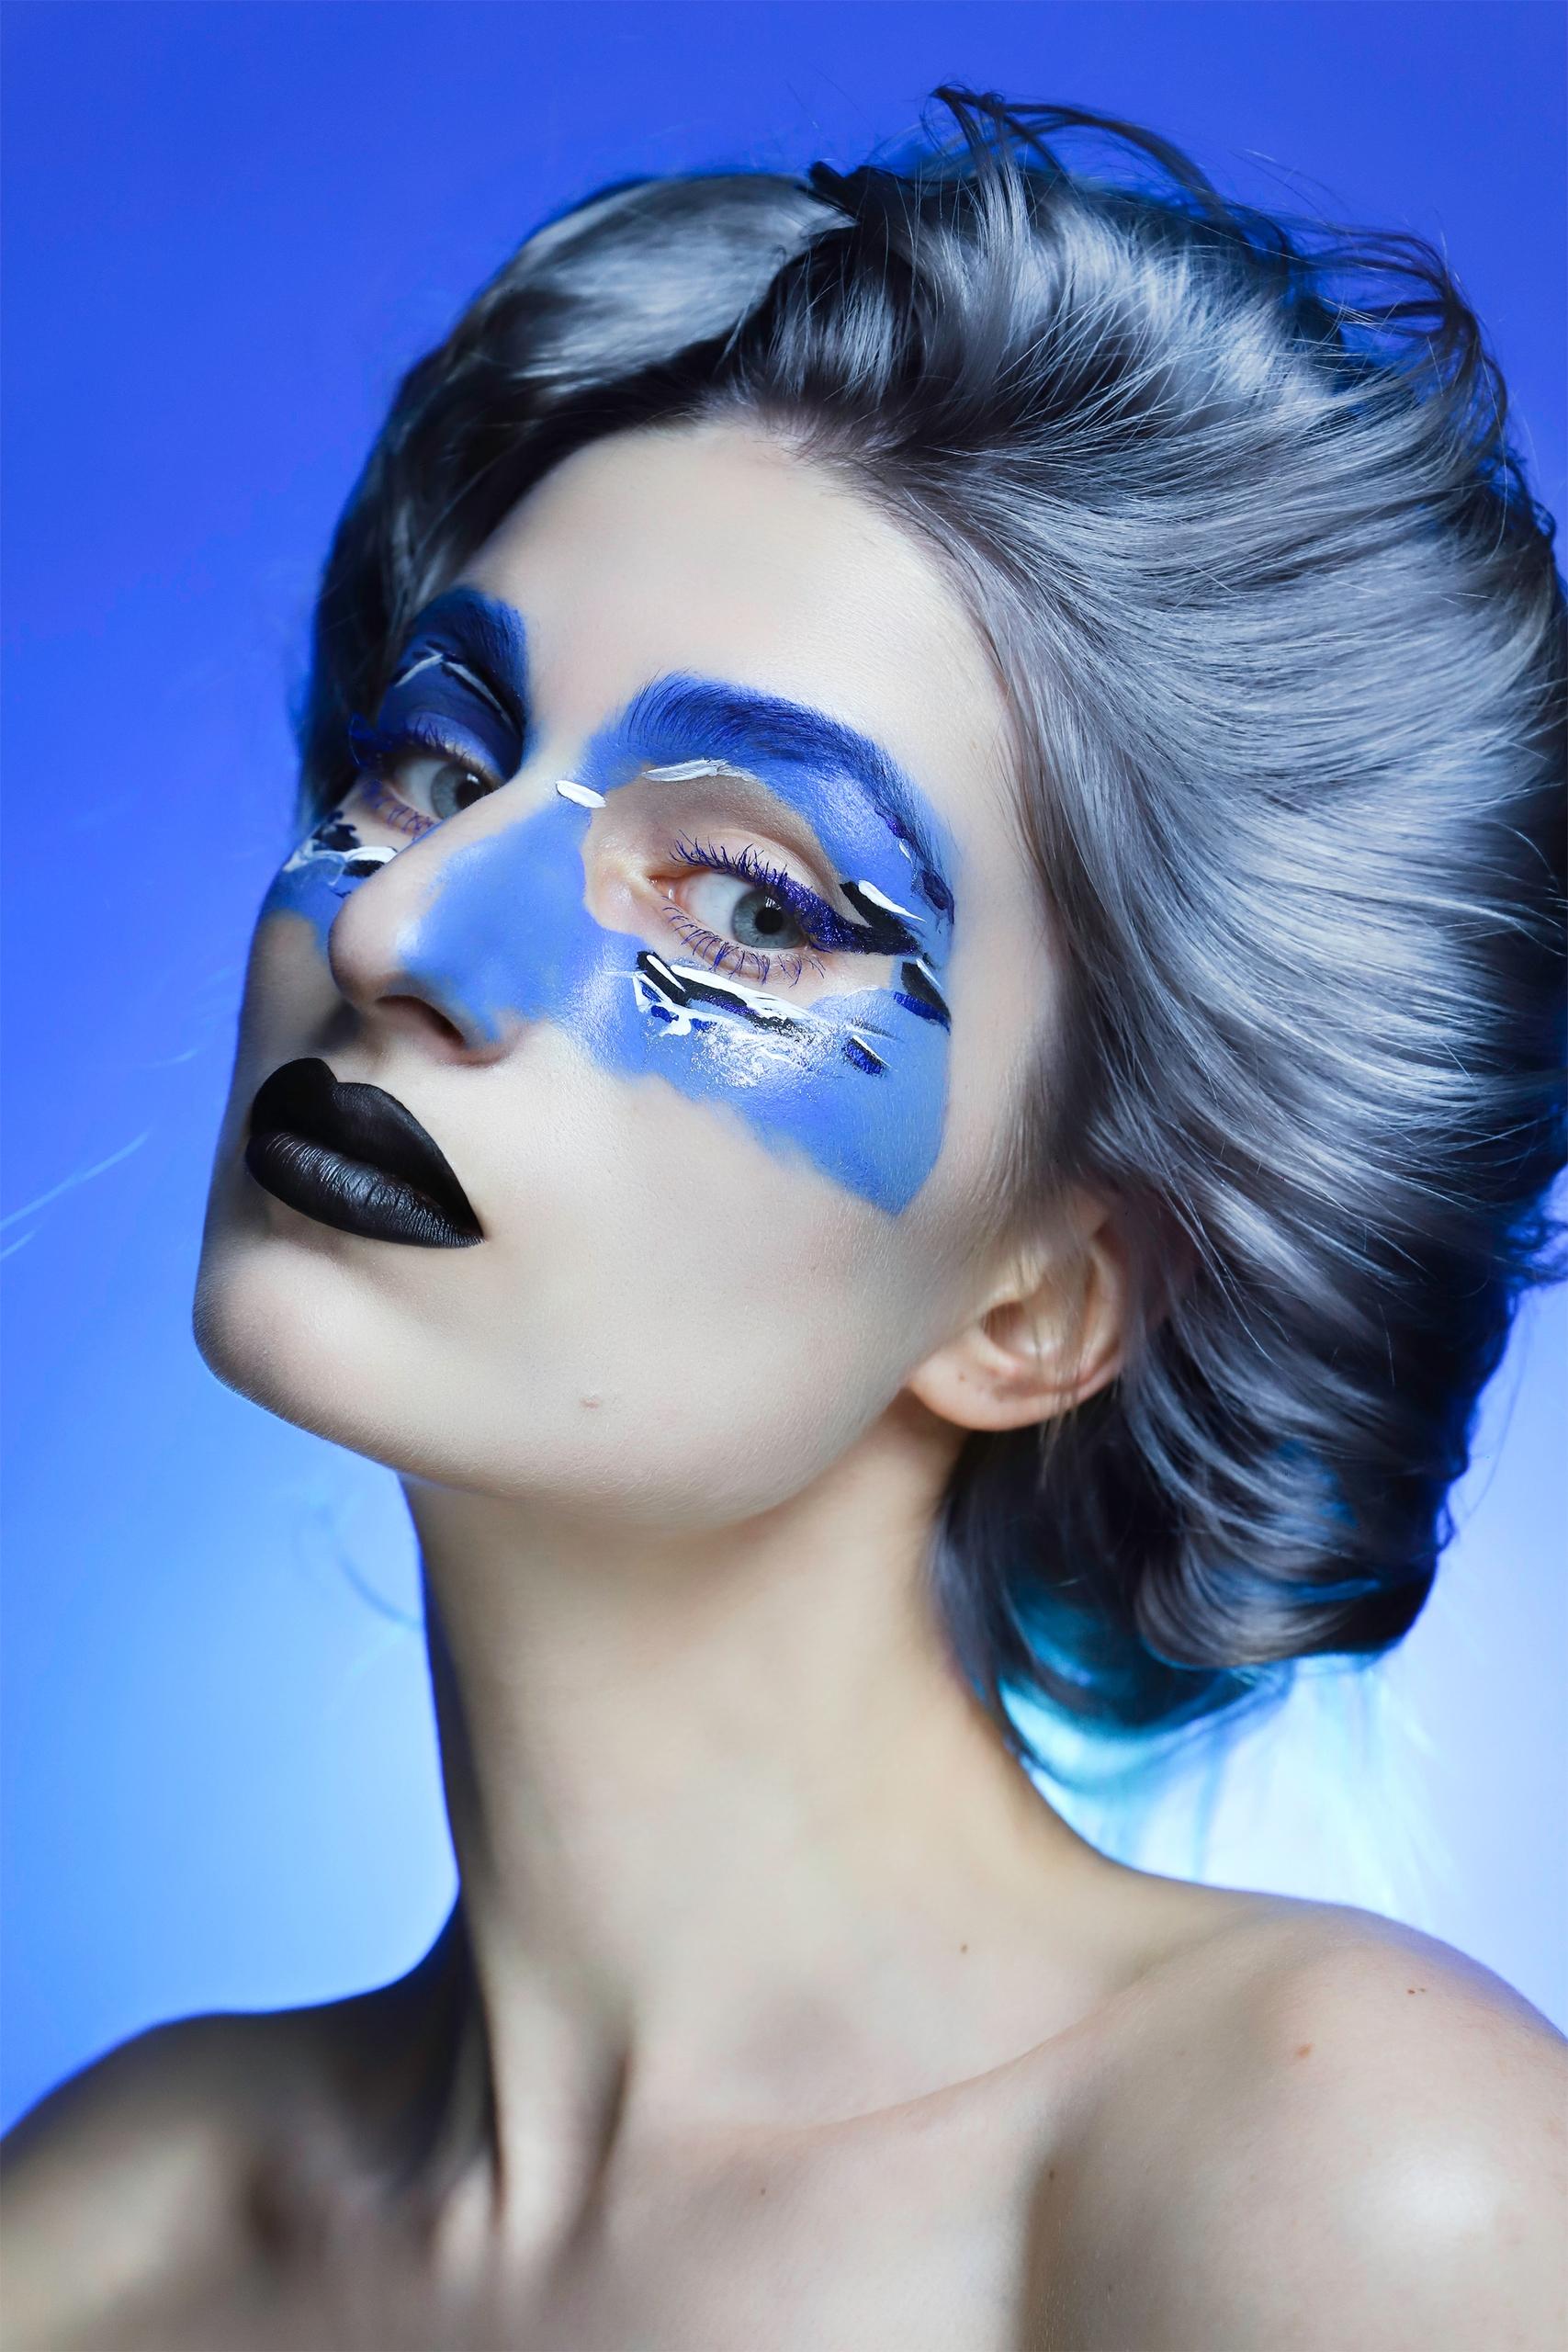 O kolorach: Niebieski, cz.2